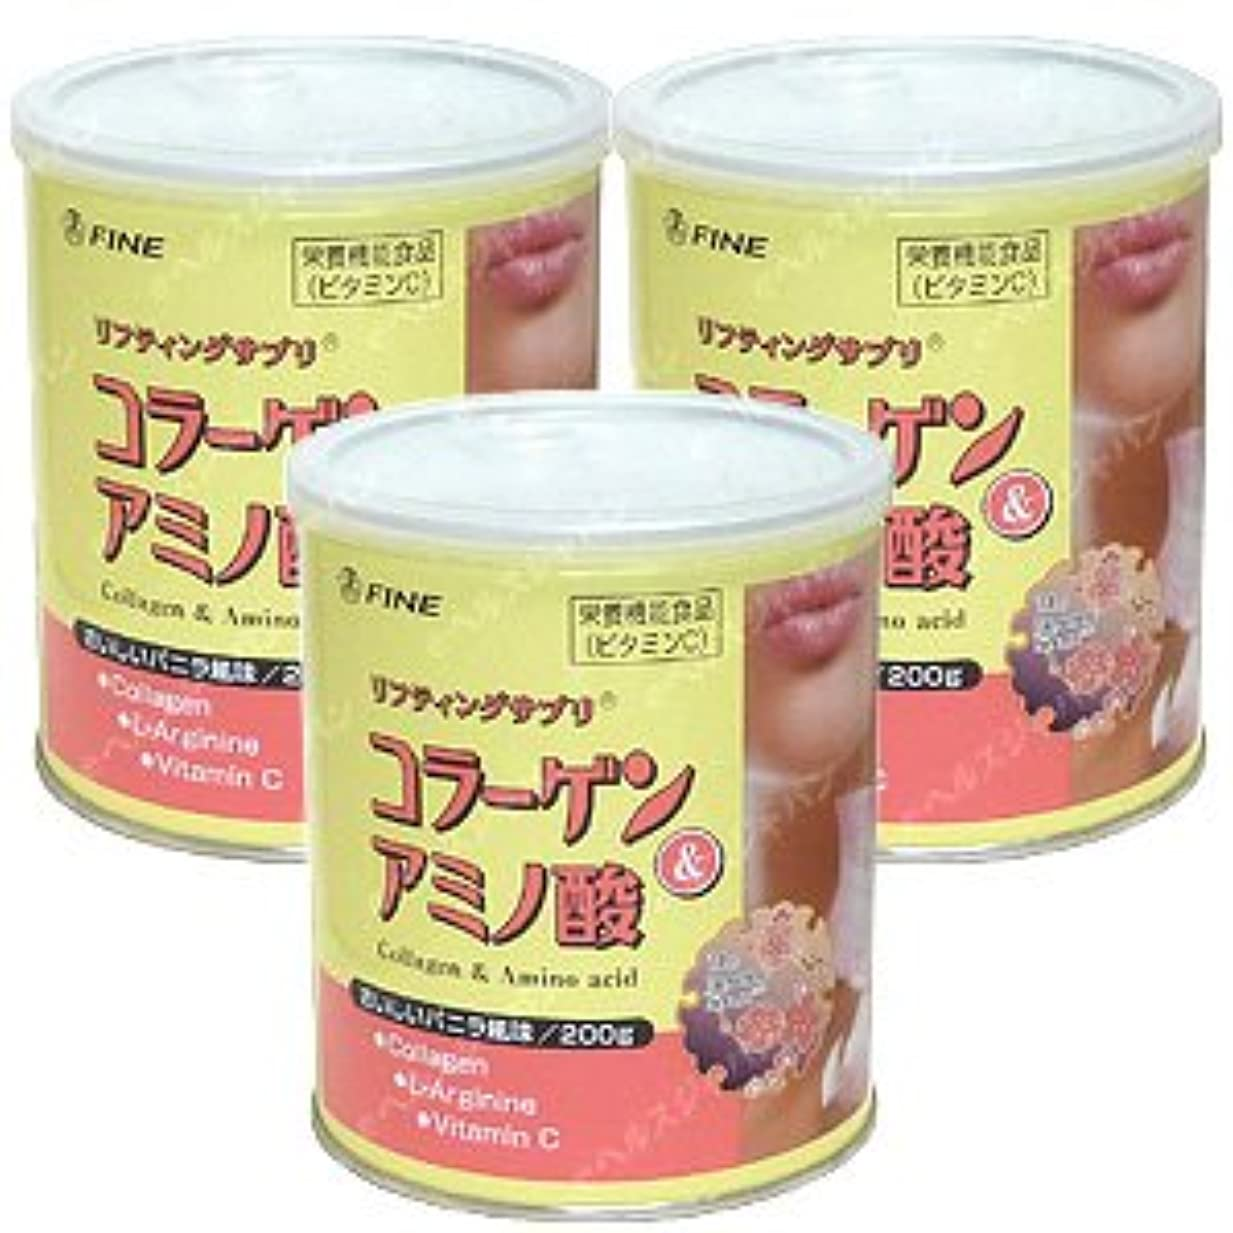 そこ酸っぱい水を飲むコラーゲン&アミノ酸【3缶セット】ファイン